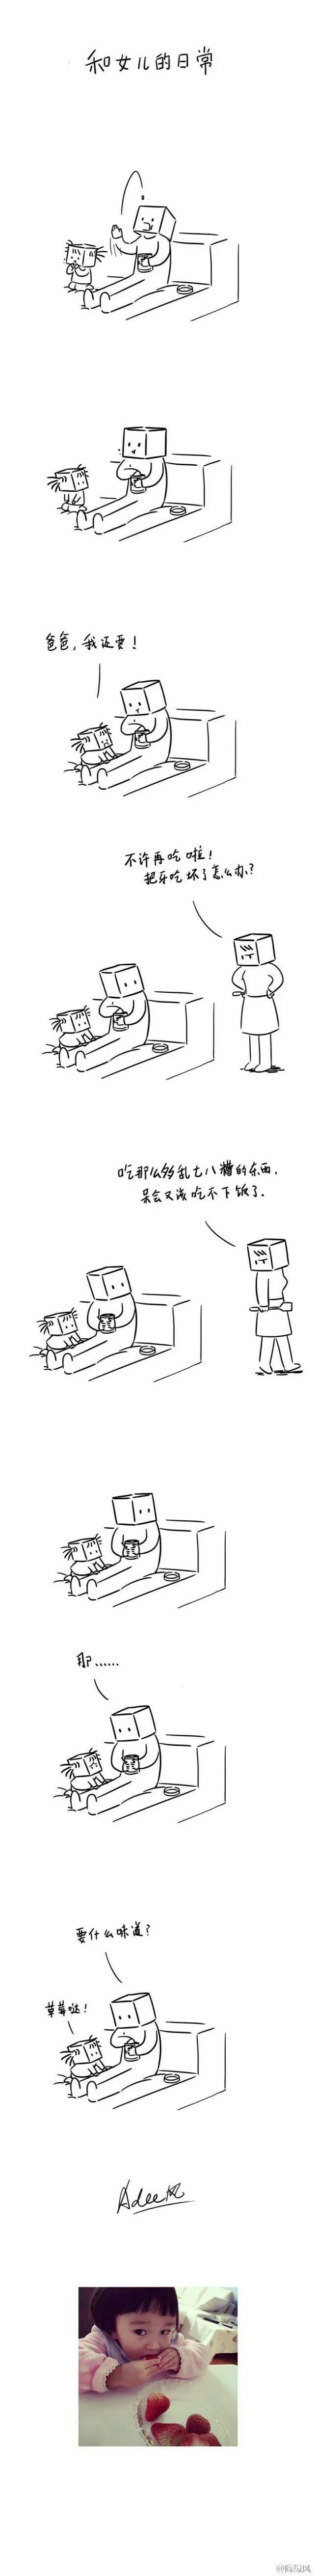 f3cc1476679898 - 温馨漫画-《和女儿的日常》